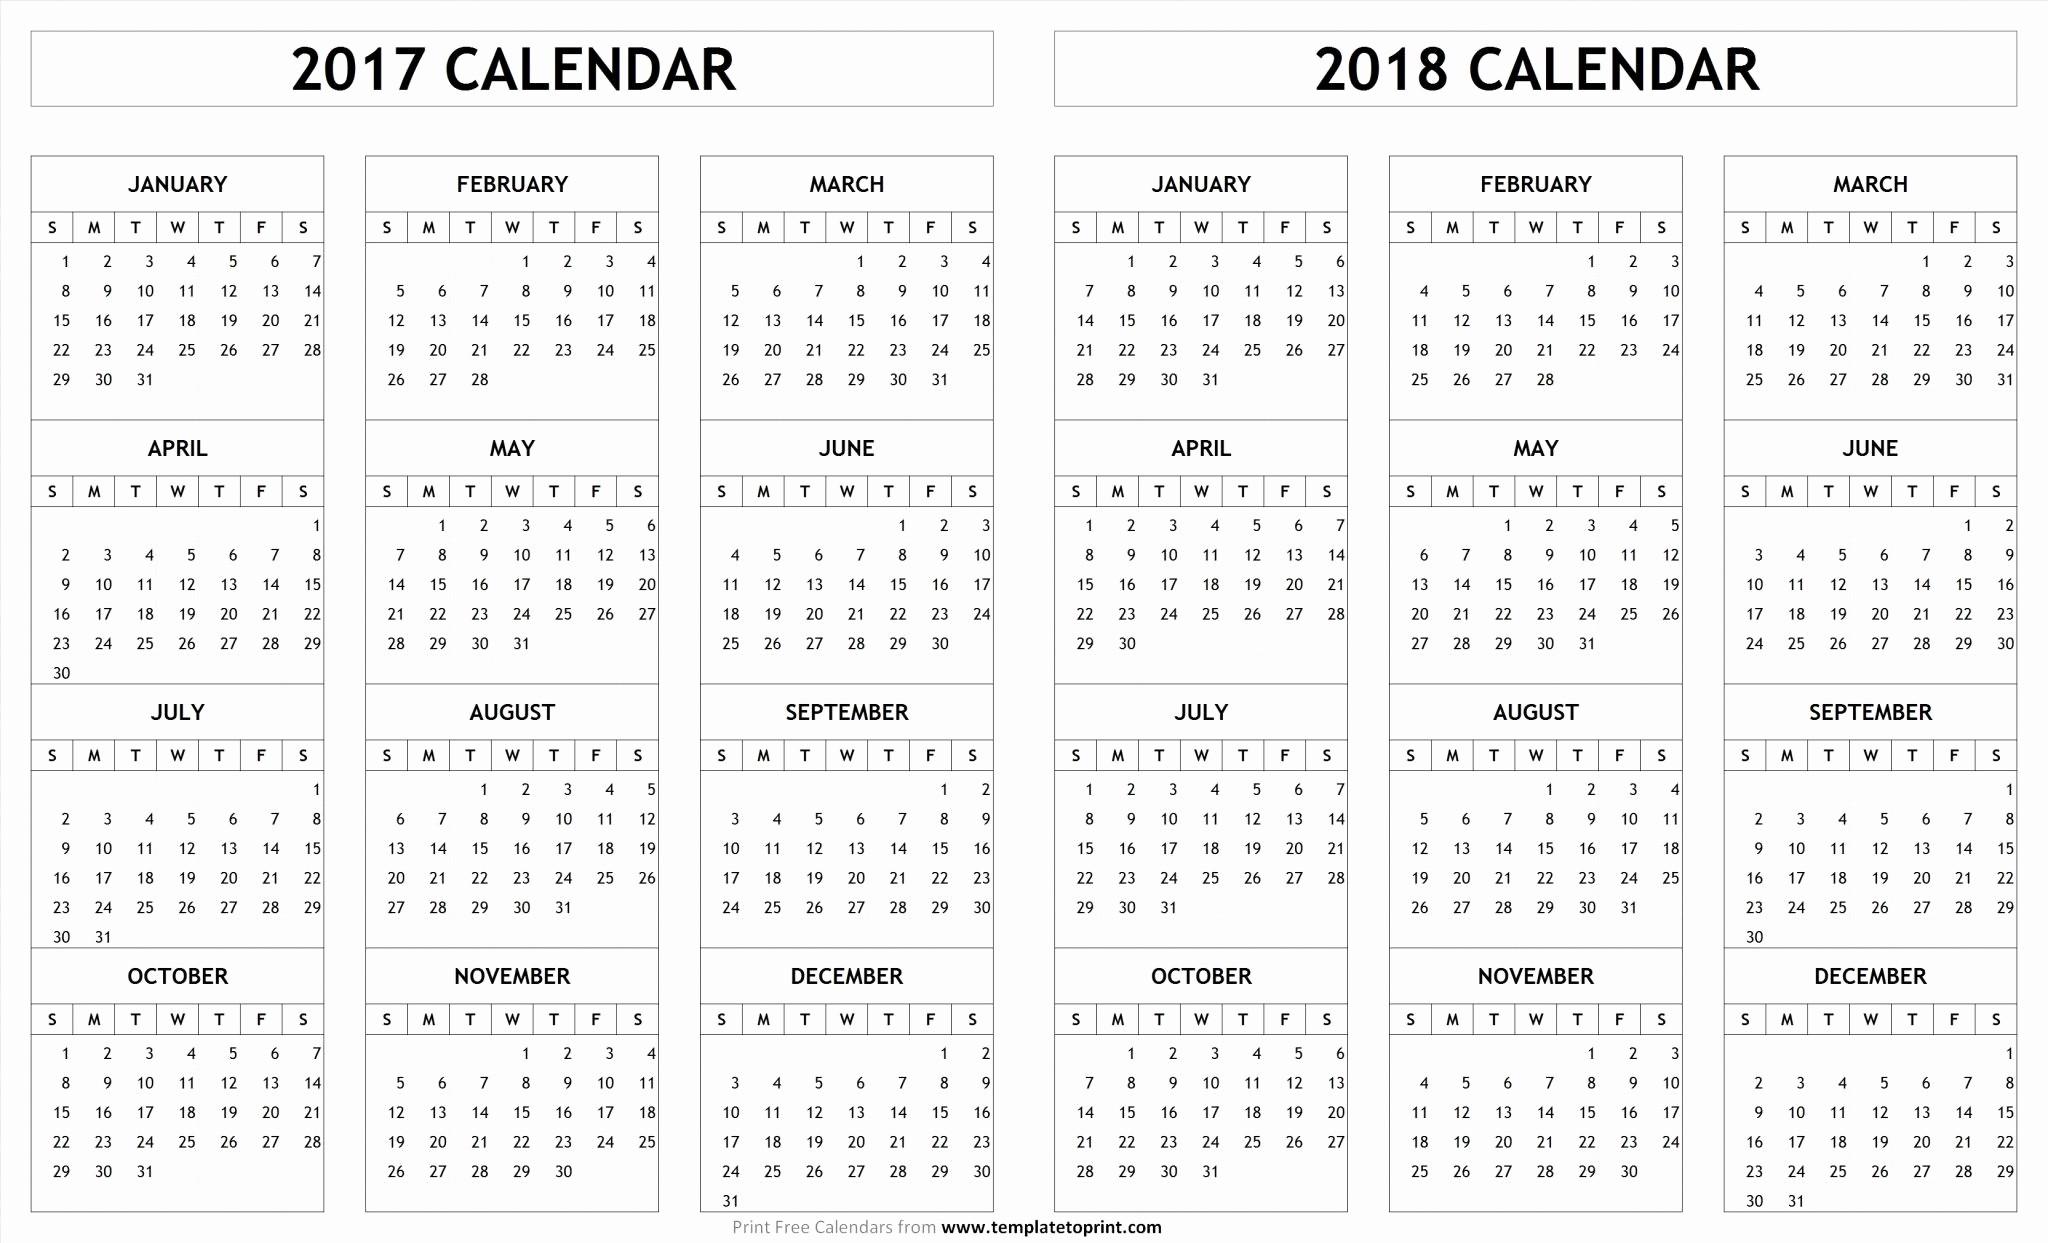 2017-2018 Blank Calendar Best Of Blank Calendars to Print 2017 2018 2018 Calendar Template